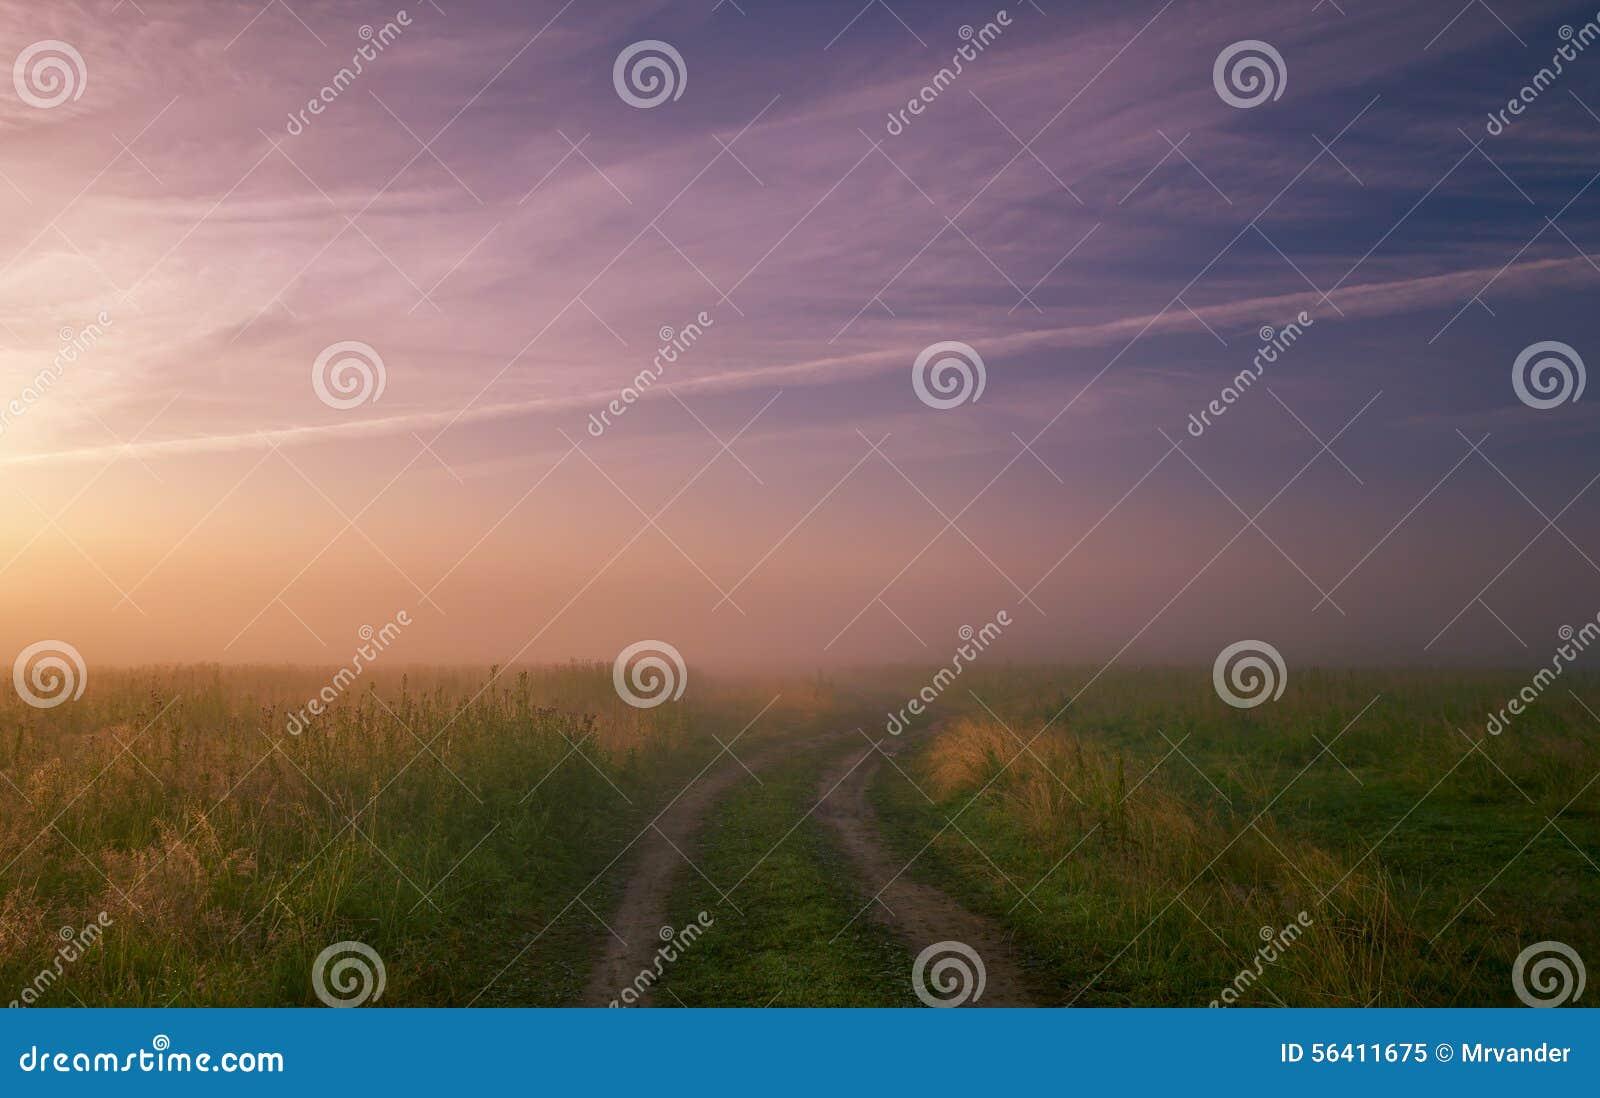 Nebelige Morgenwiese Sommerlandschaft mit grünem Gras, Straße und Wolken